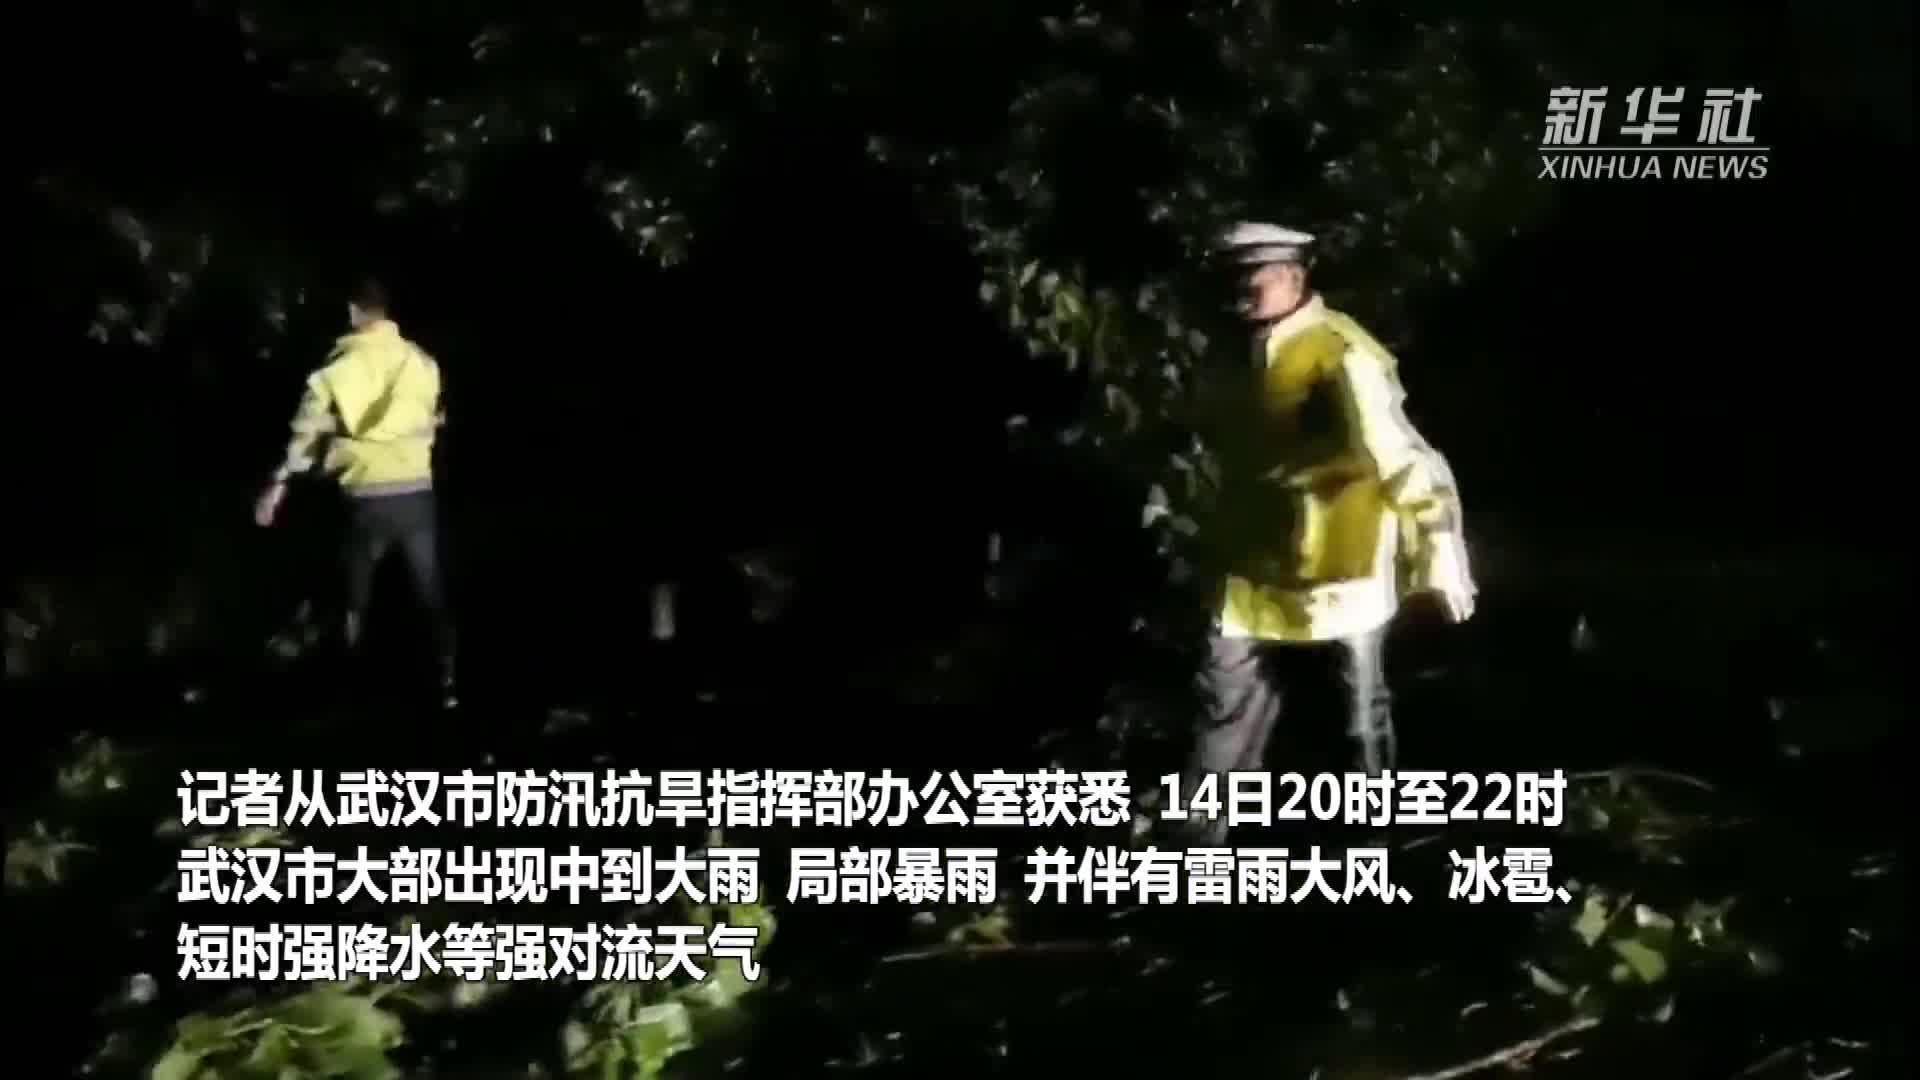 武汉出现强对流天气  行车受阻多人受伤